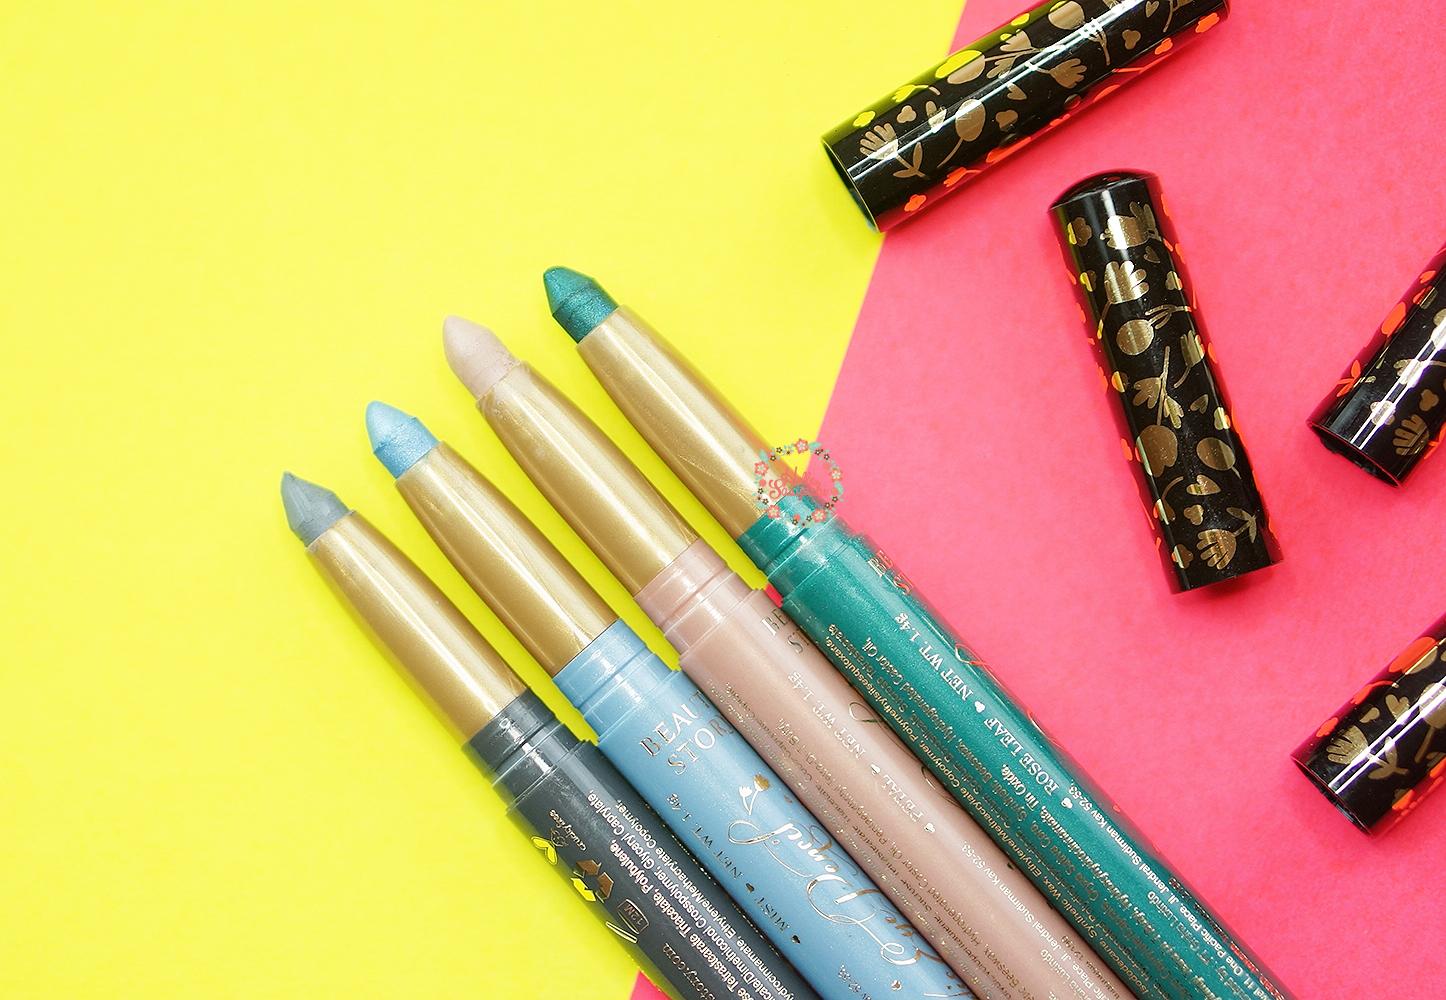 Sasyachi Beauty Diary Story Romantic Eye Pencil Review Eyeliner Warna Putar Terdapat Empat Pilihan Yang Tersedia Antara Lain Cloudy Satin Grey Mist Shimmering Baby Blue Petal Beige